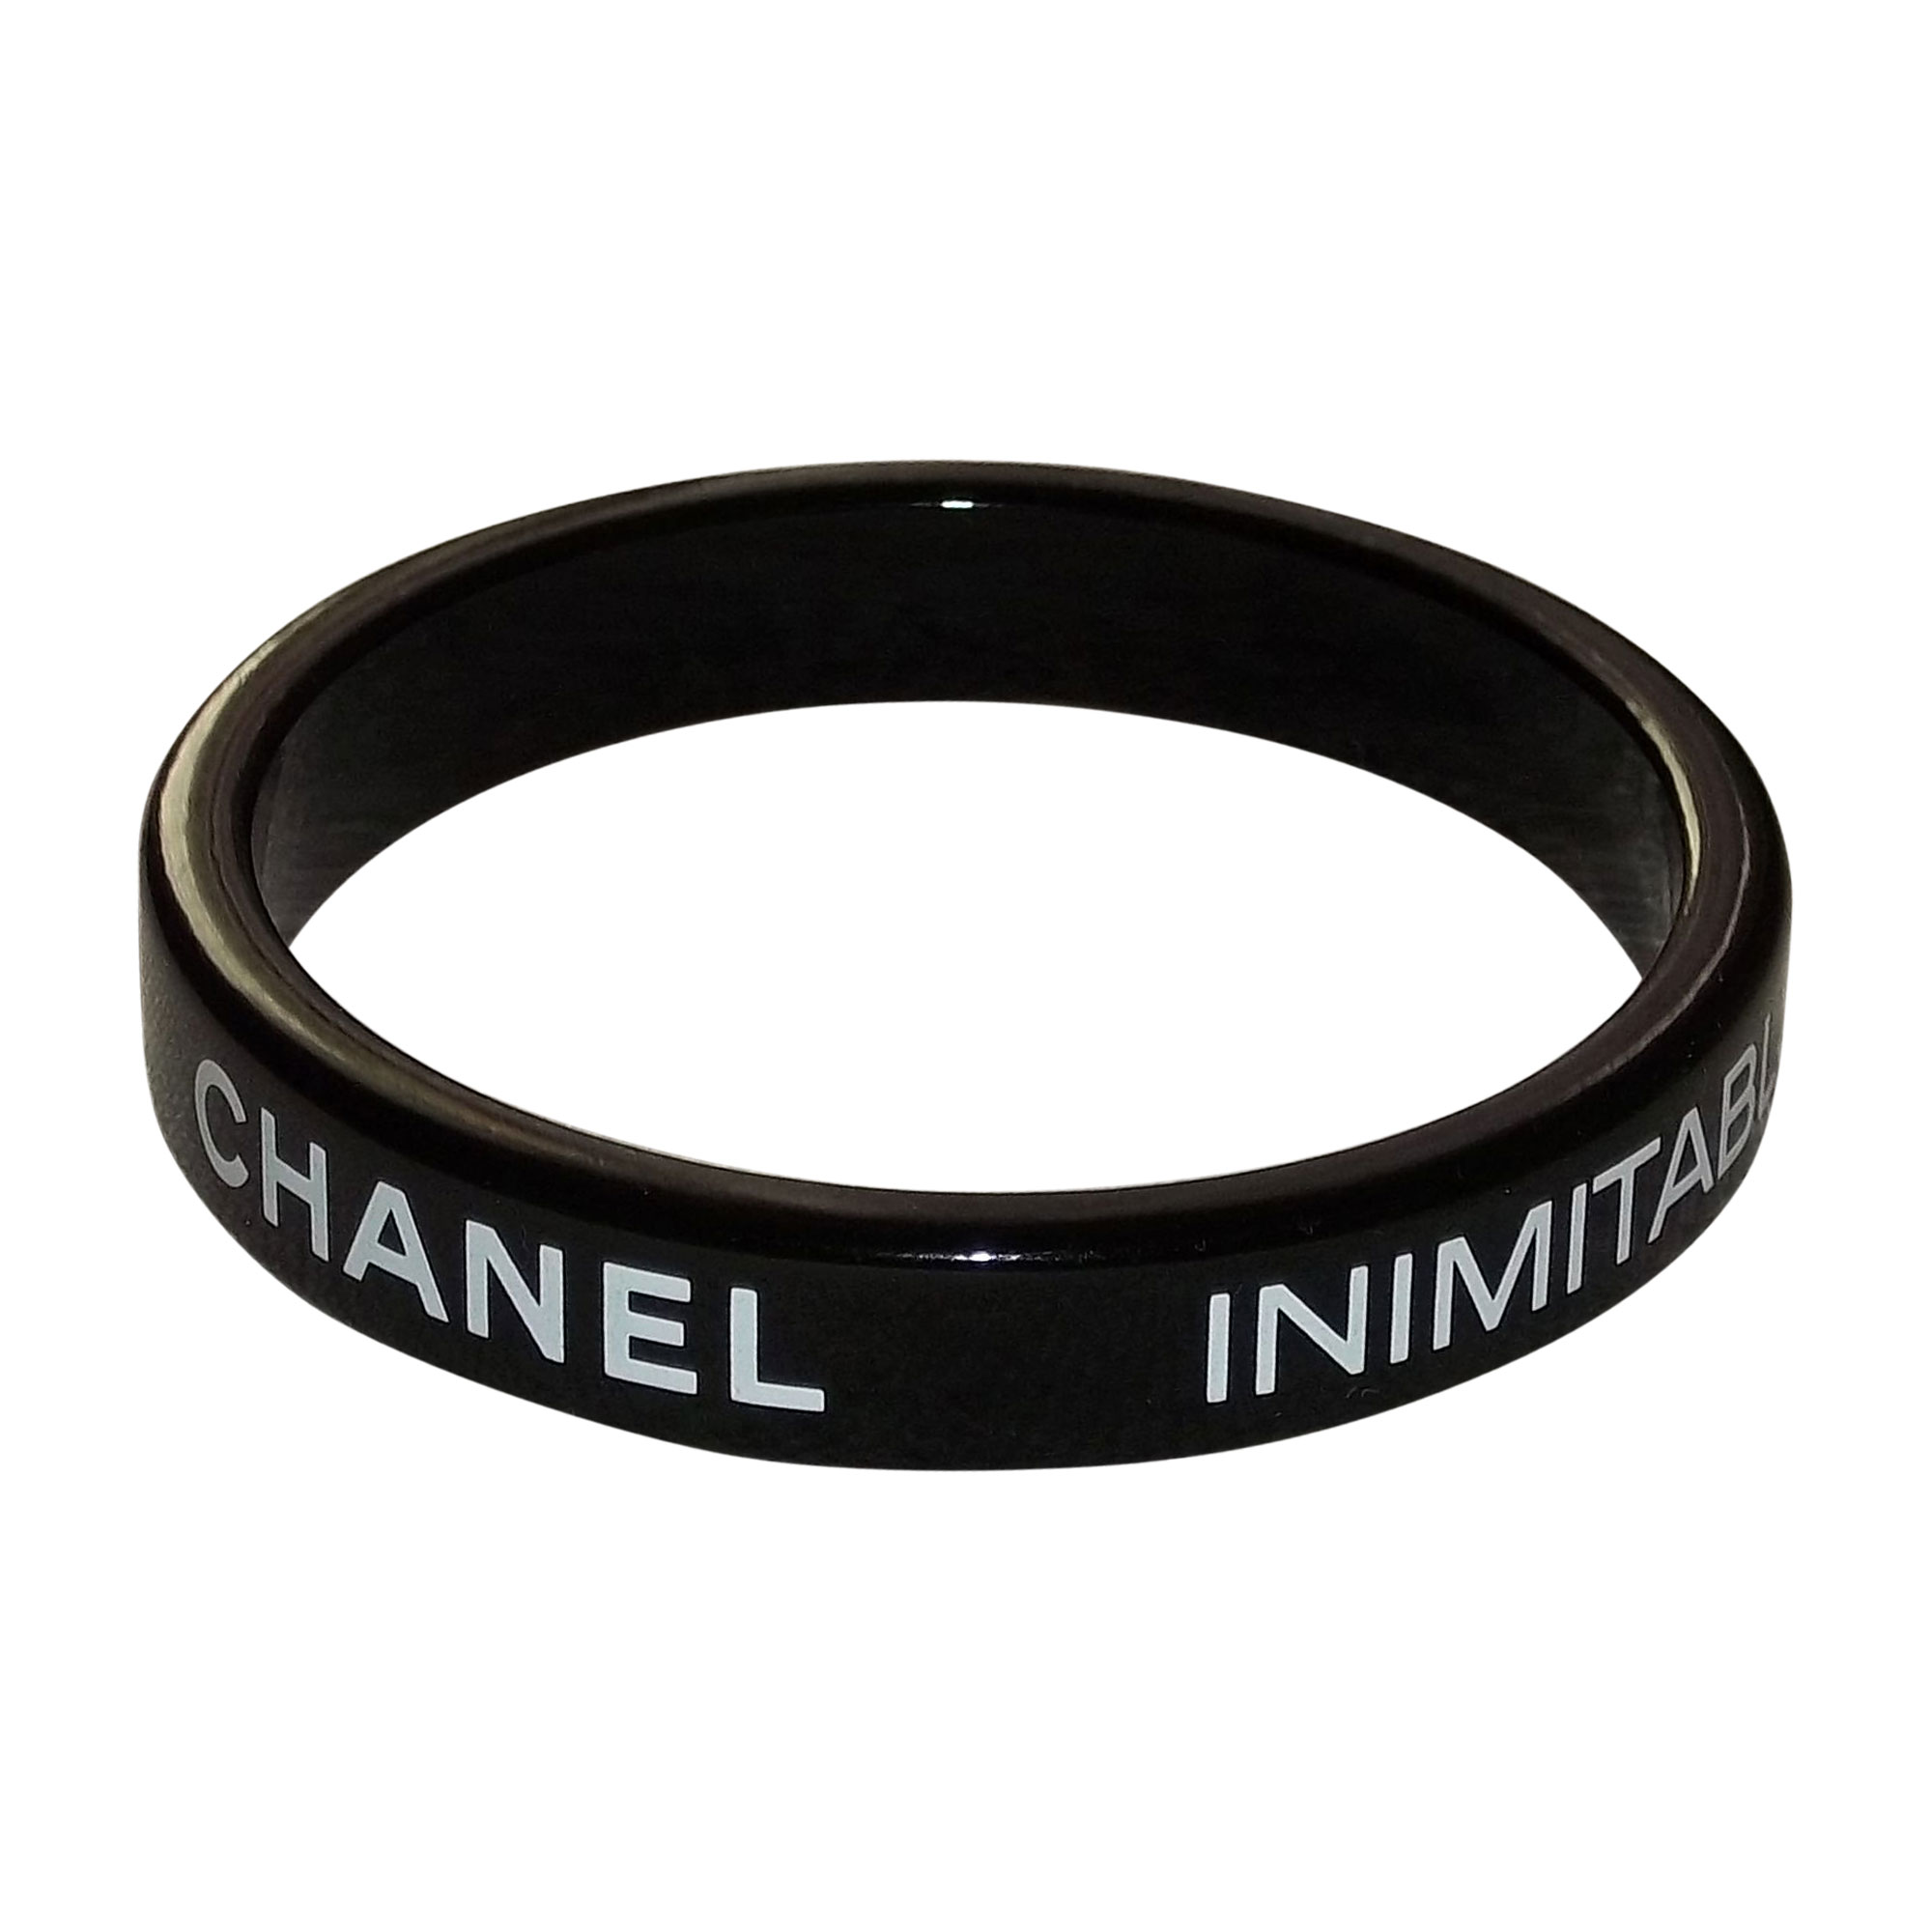 Bracelet chanel pour homme